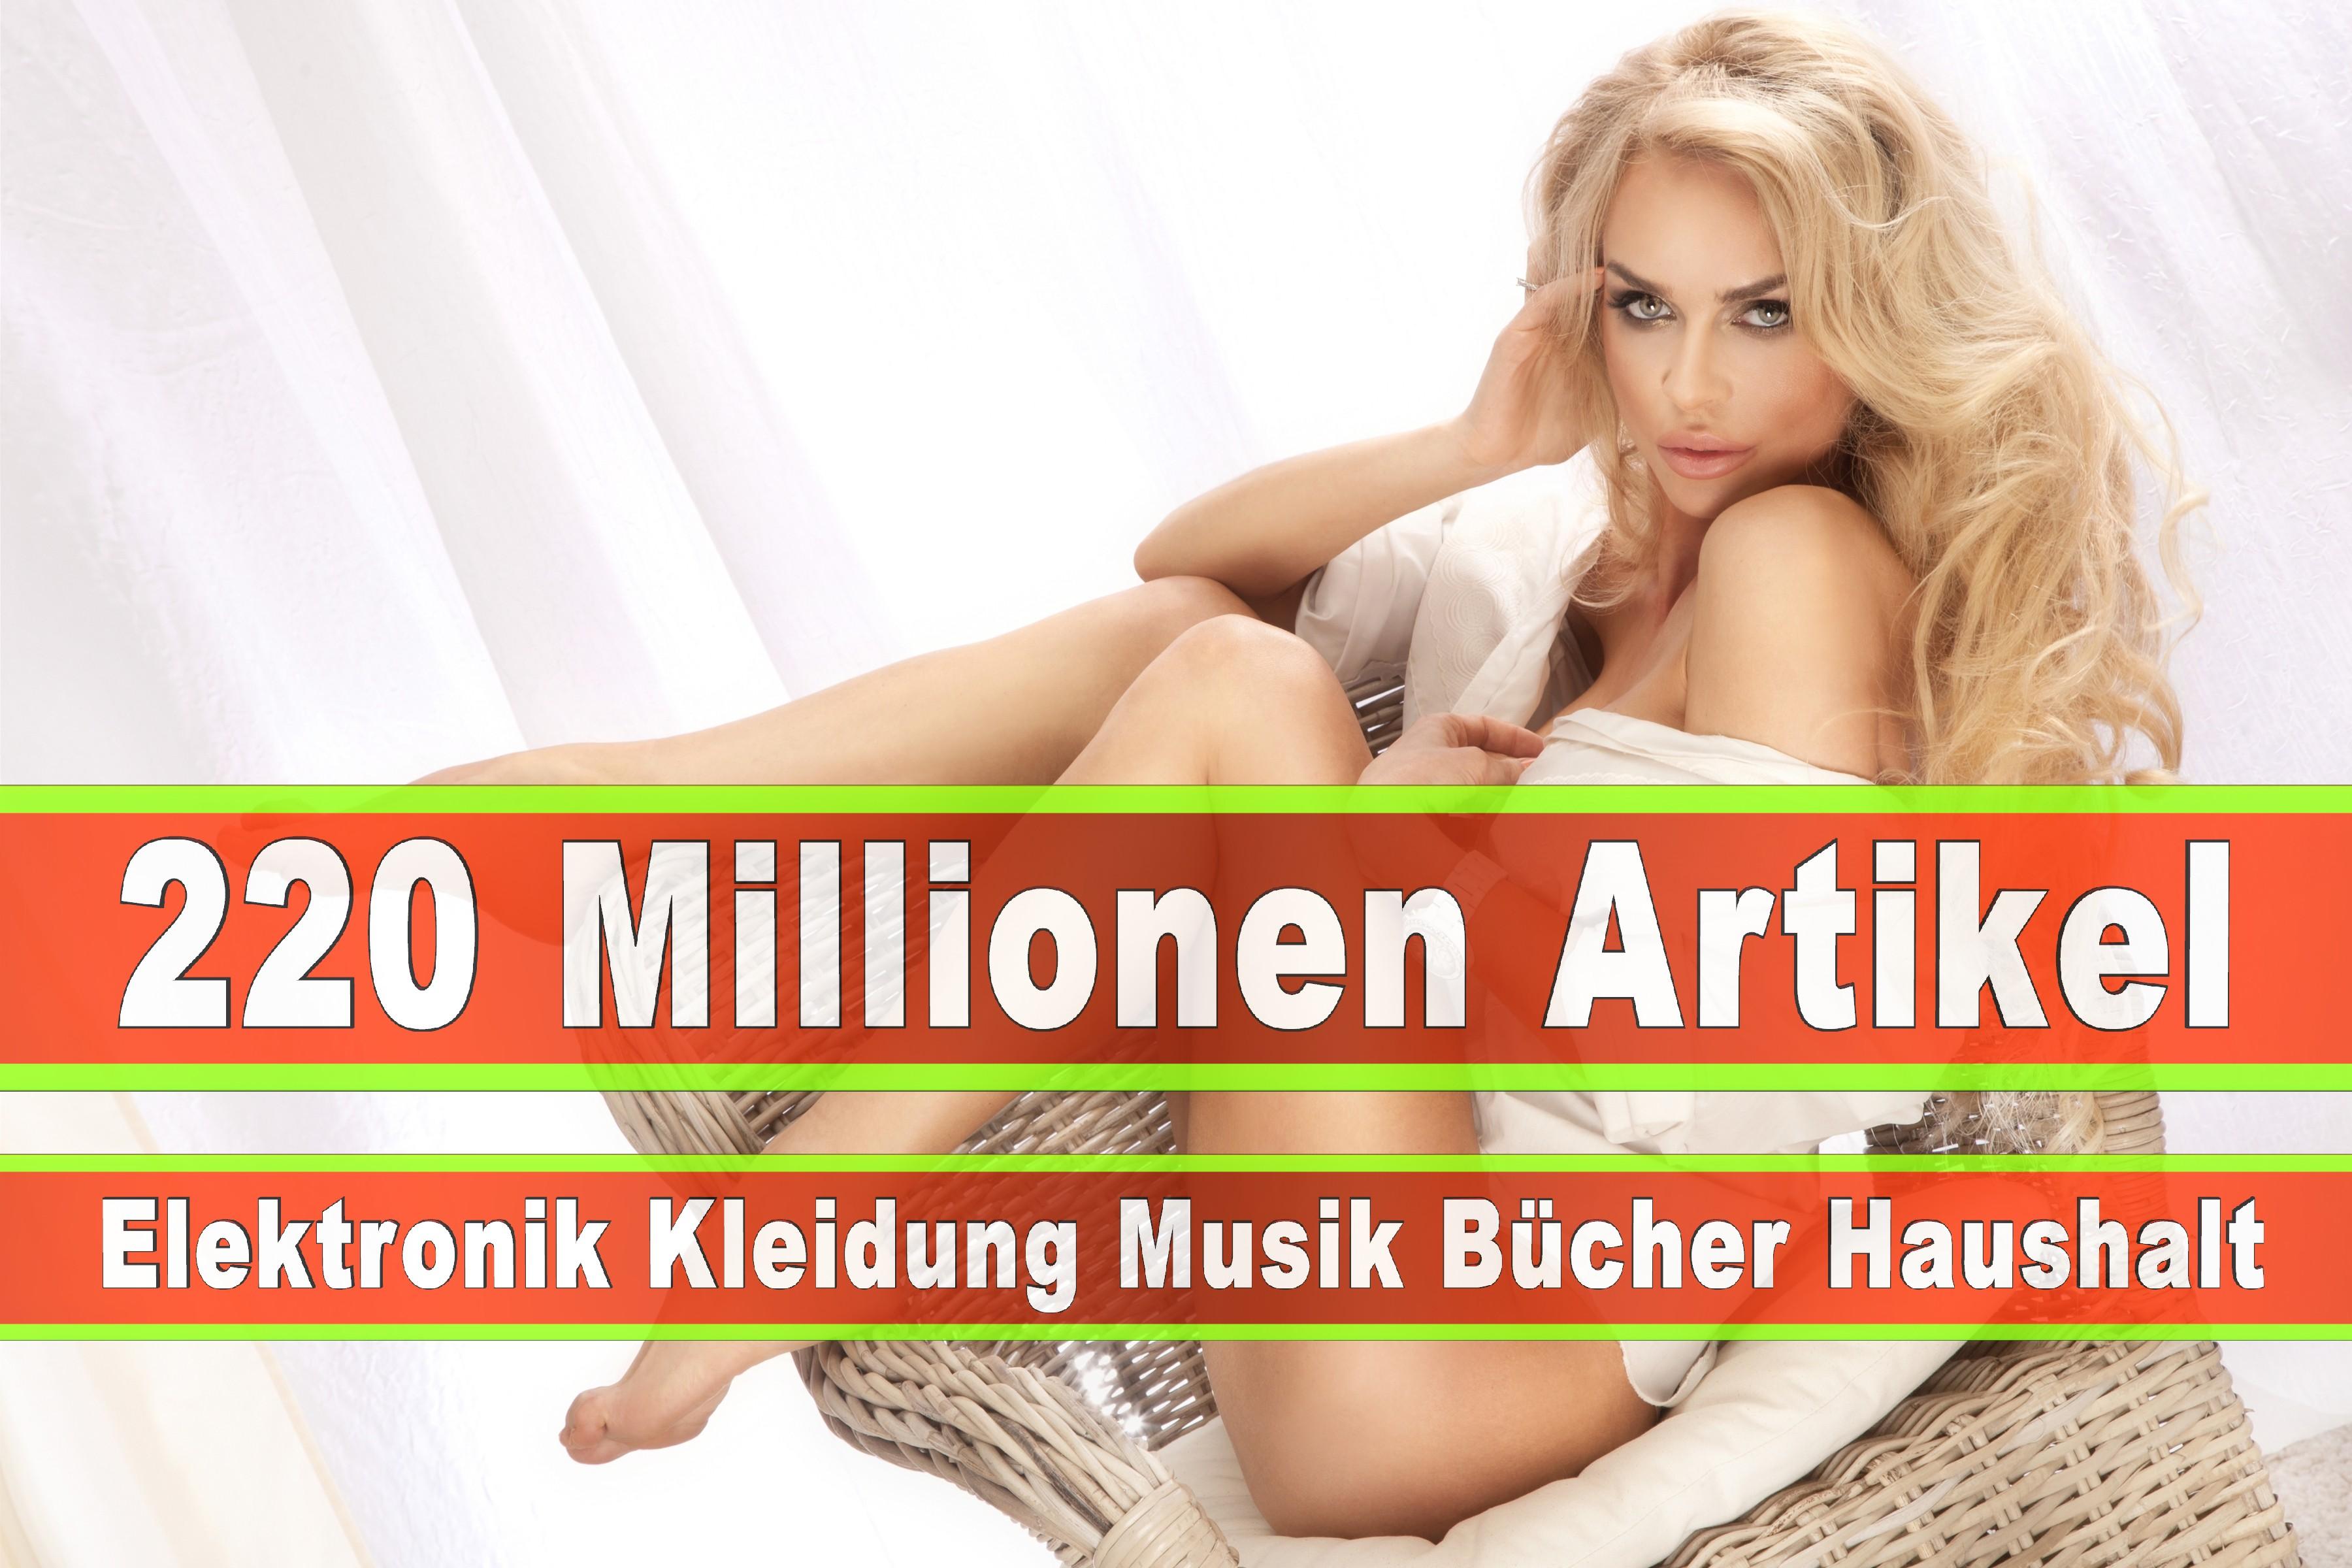 Amazon Elektronik Musik Haushalt Bücher CD DVD Handys Smartphones TV Television Fernseher Kleidung Mode Ebay Versandhaus (64)